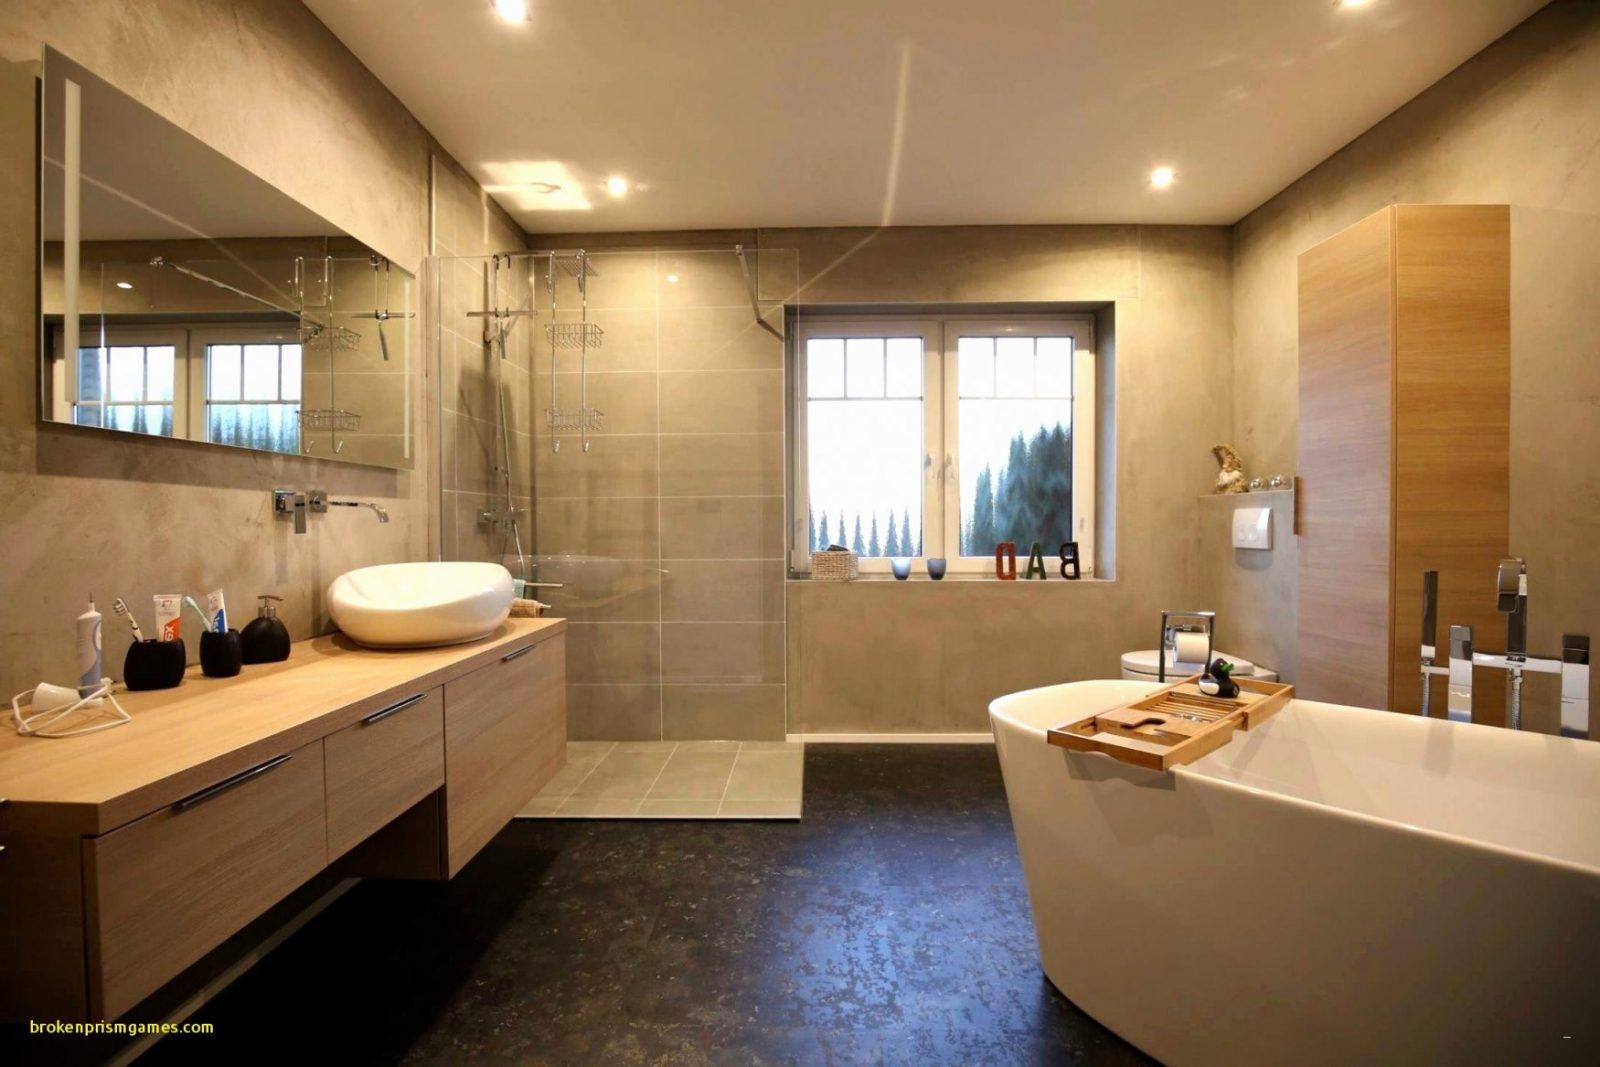 Altes Badezimmer Aufpeppen Vorher Nachher Bilder Elegant Altes Bad von Altes Badezimmer Aufpeppen Vorher Nachher Bilder Bild